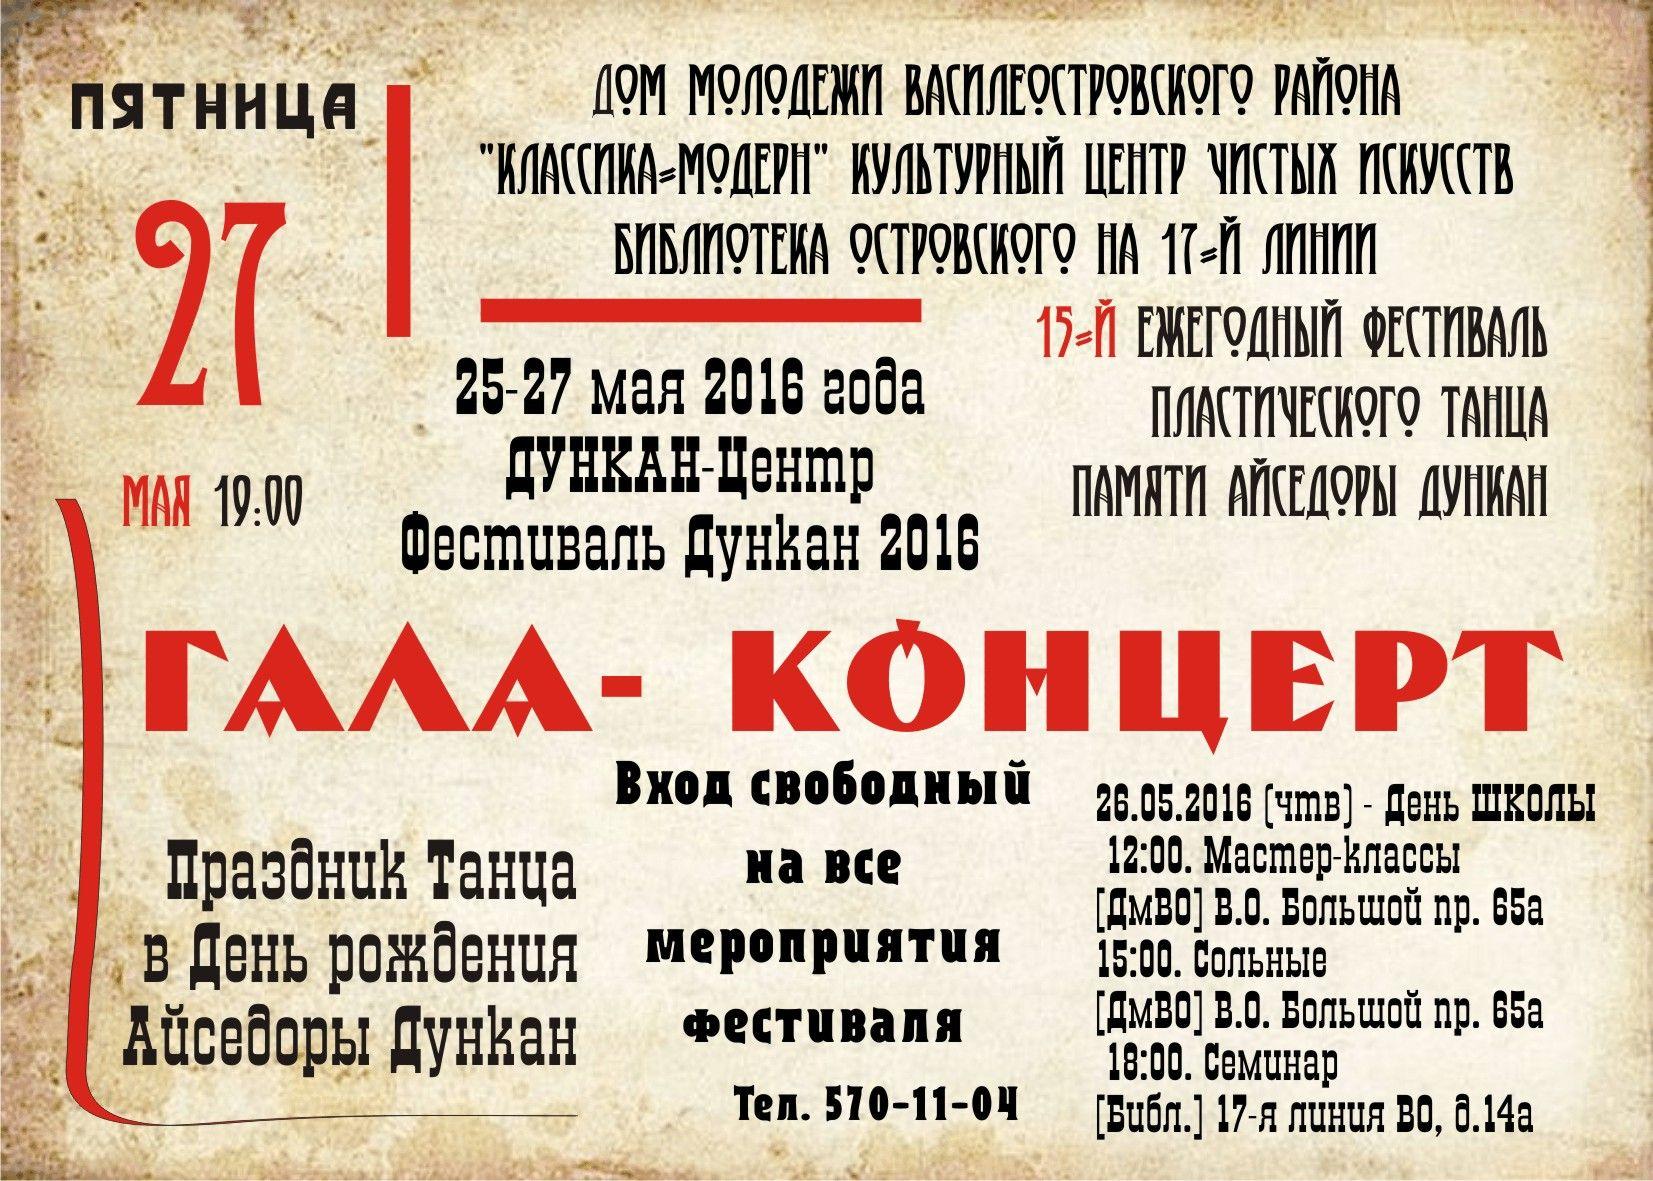 Праздник Танца  в День рождения Айседоры Дункан 27 мая Пятница в 19:00 Гала-концерт